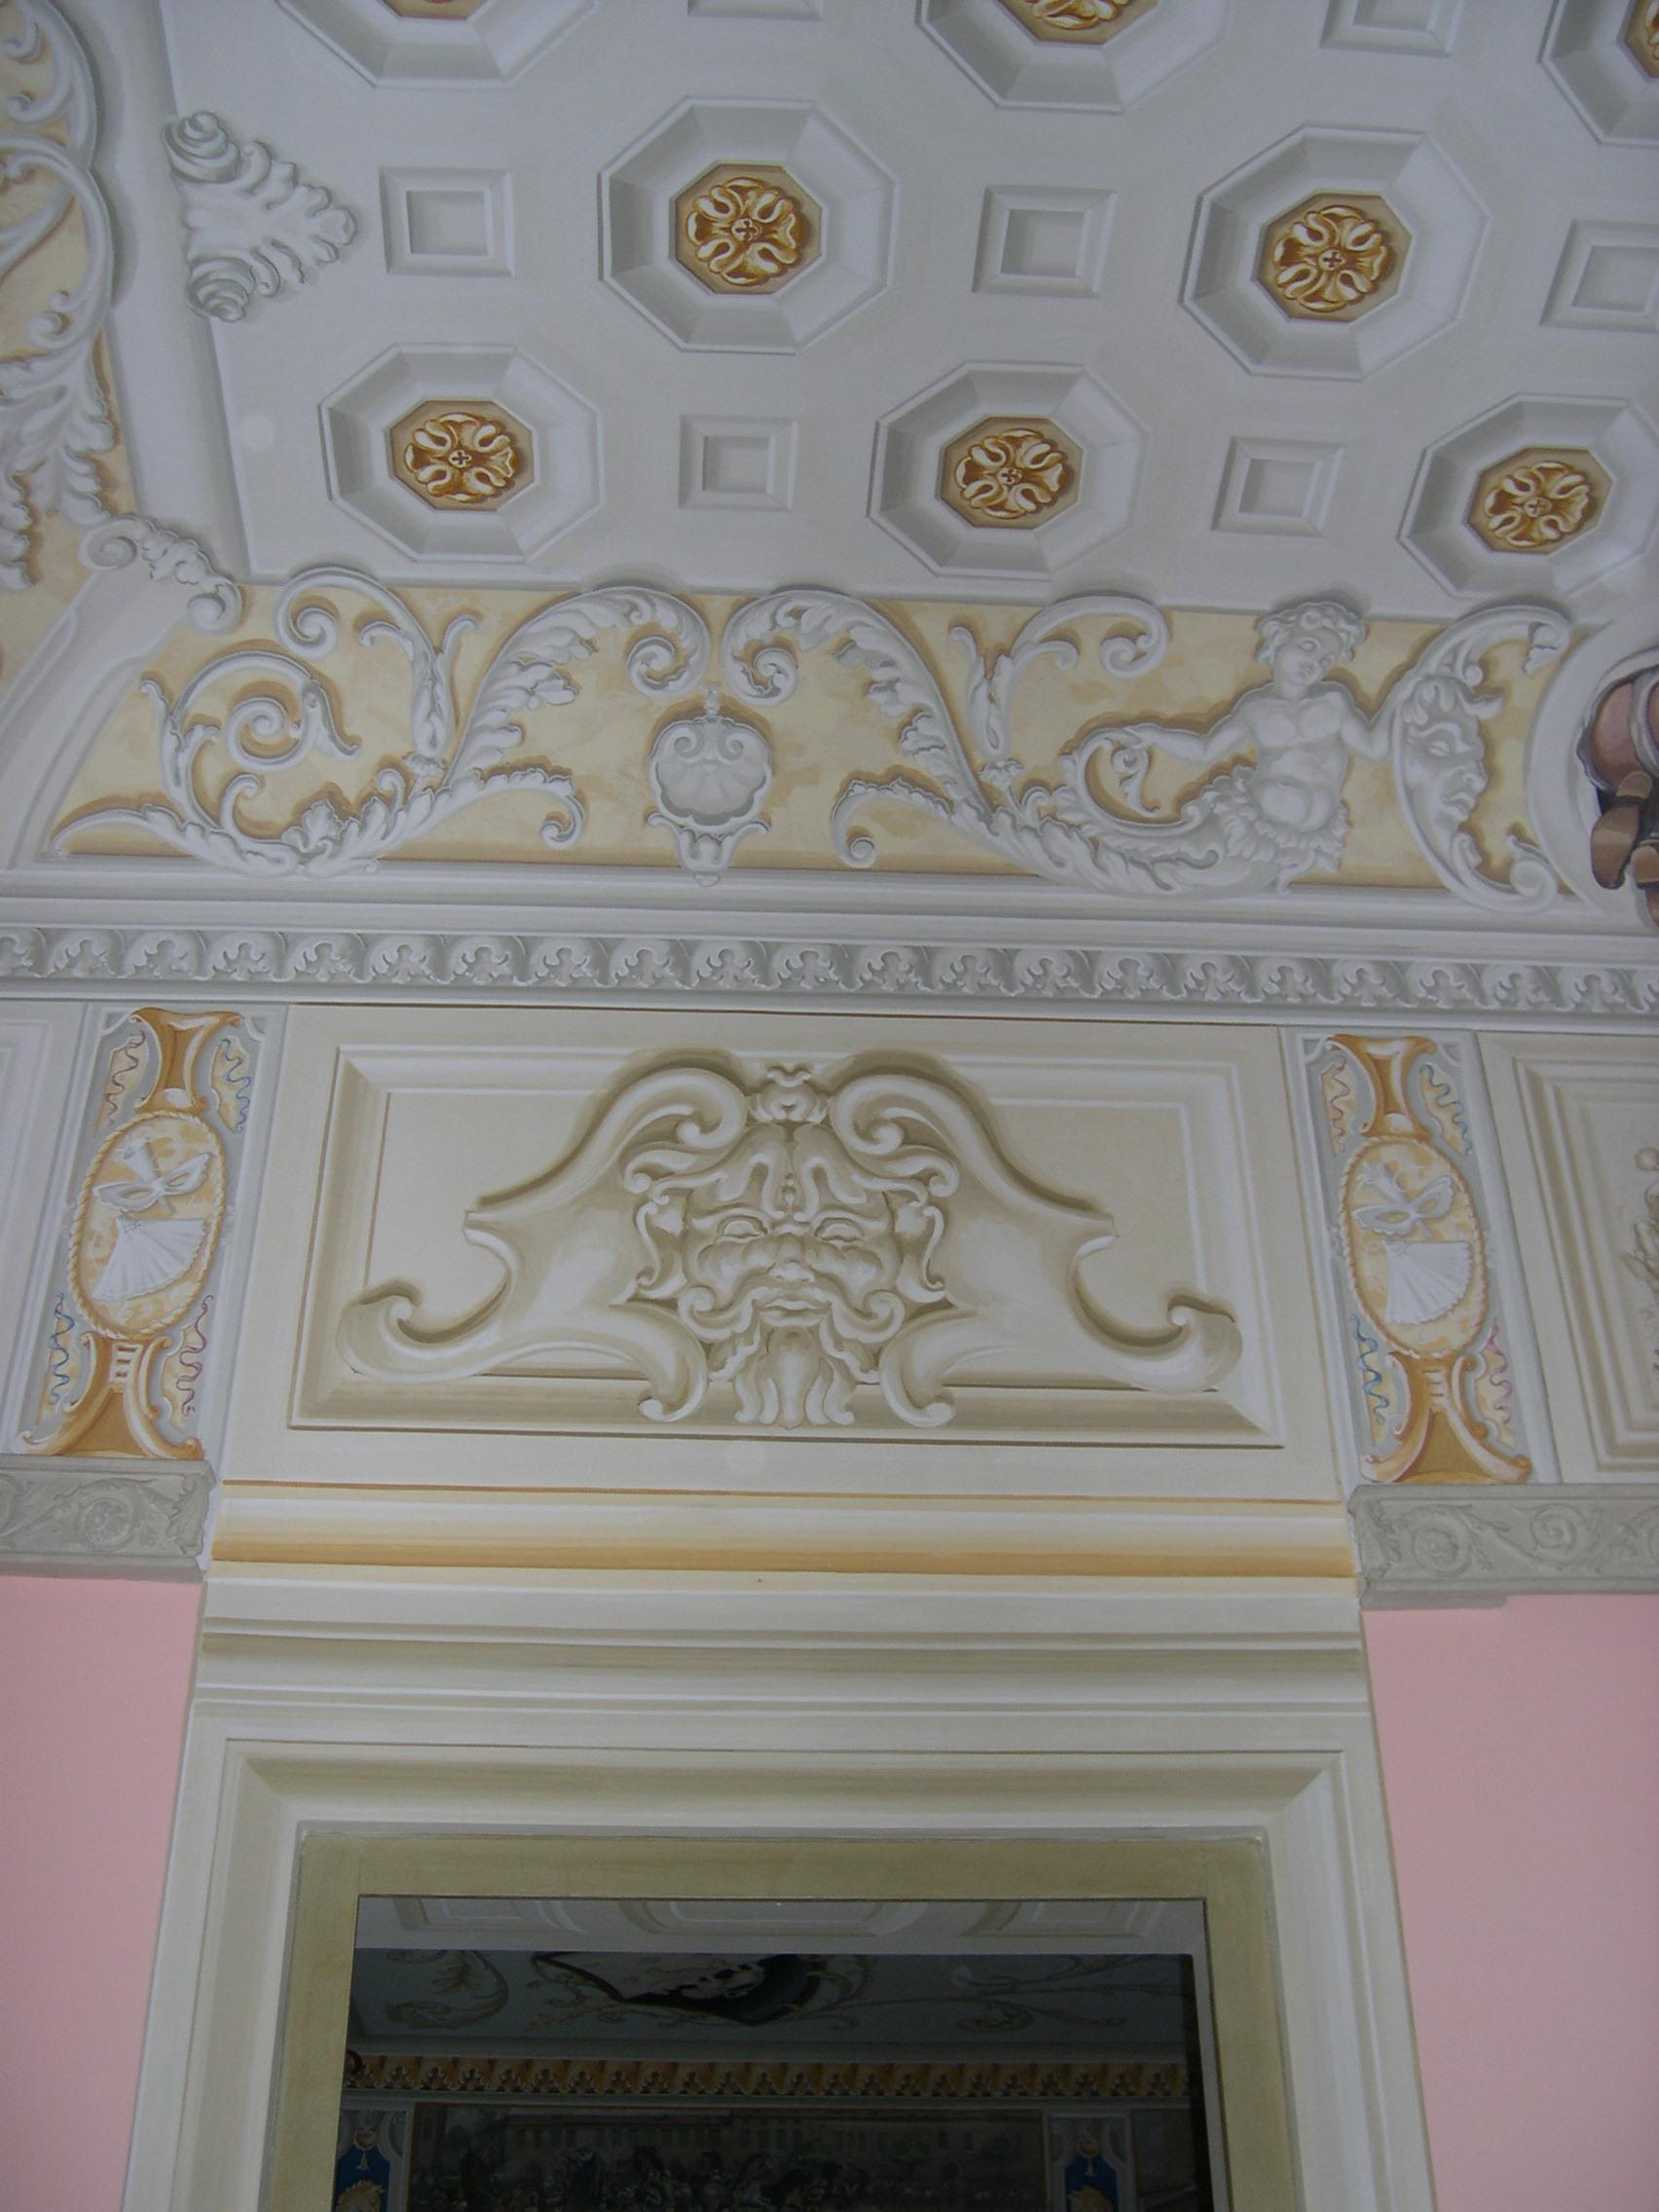 Stucco Soffitto Bagno: Soffitto dello stucco fotografia stock immagine eve bagno.